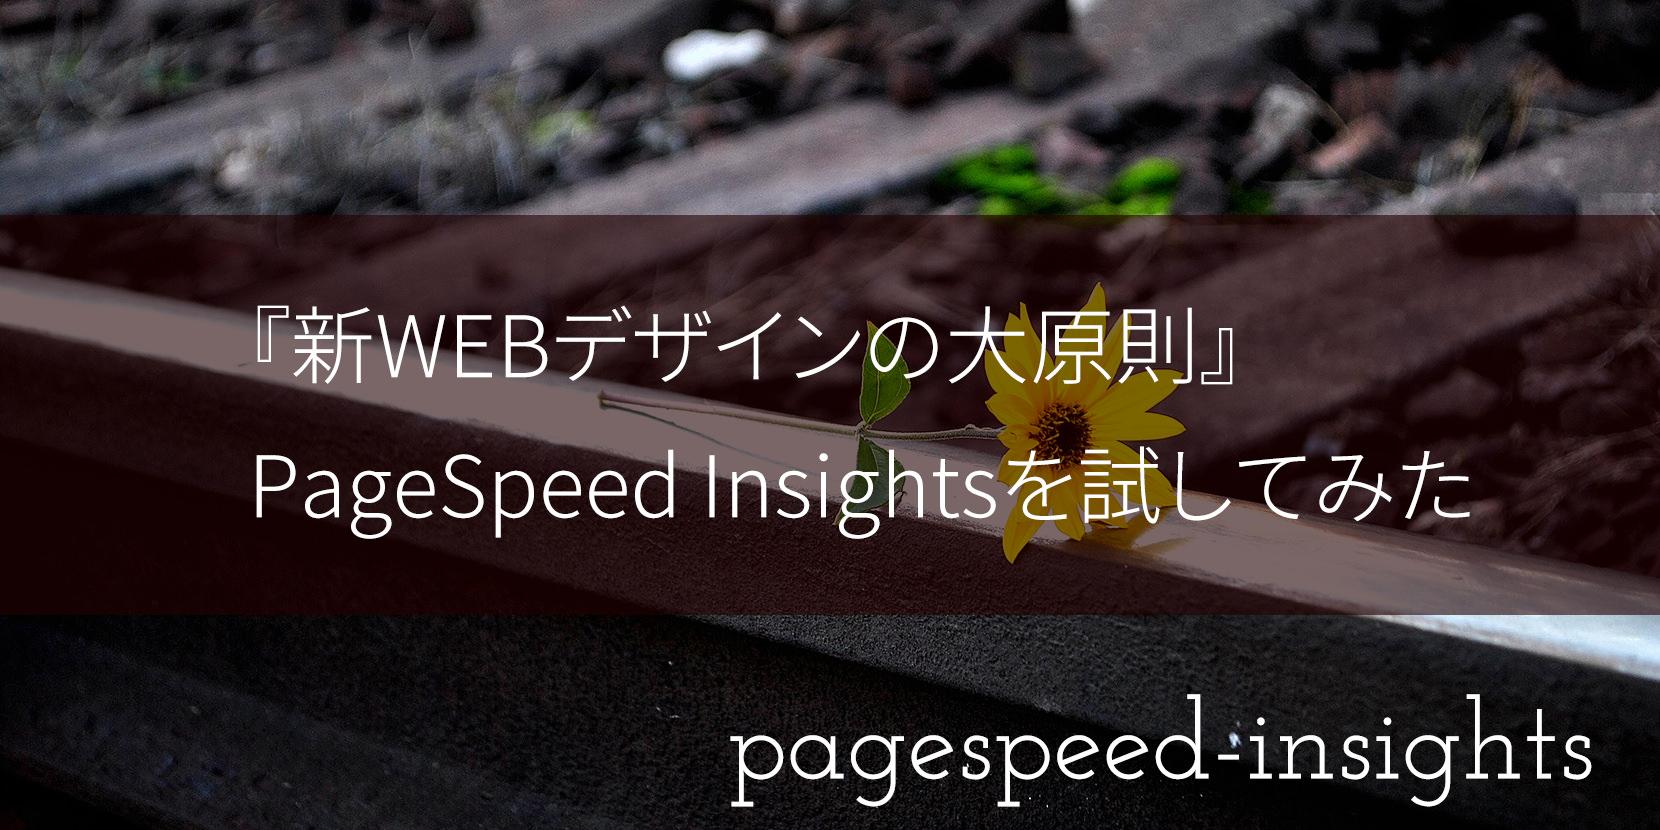 『新WEBデザインの大原則』PageSpeed Insightsを試してみた